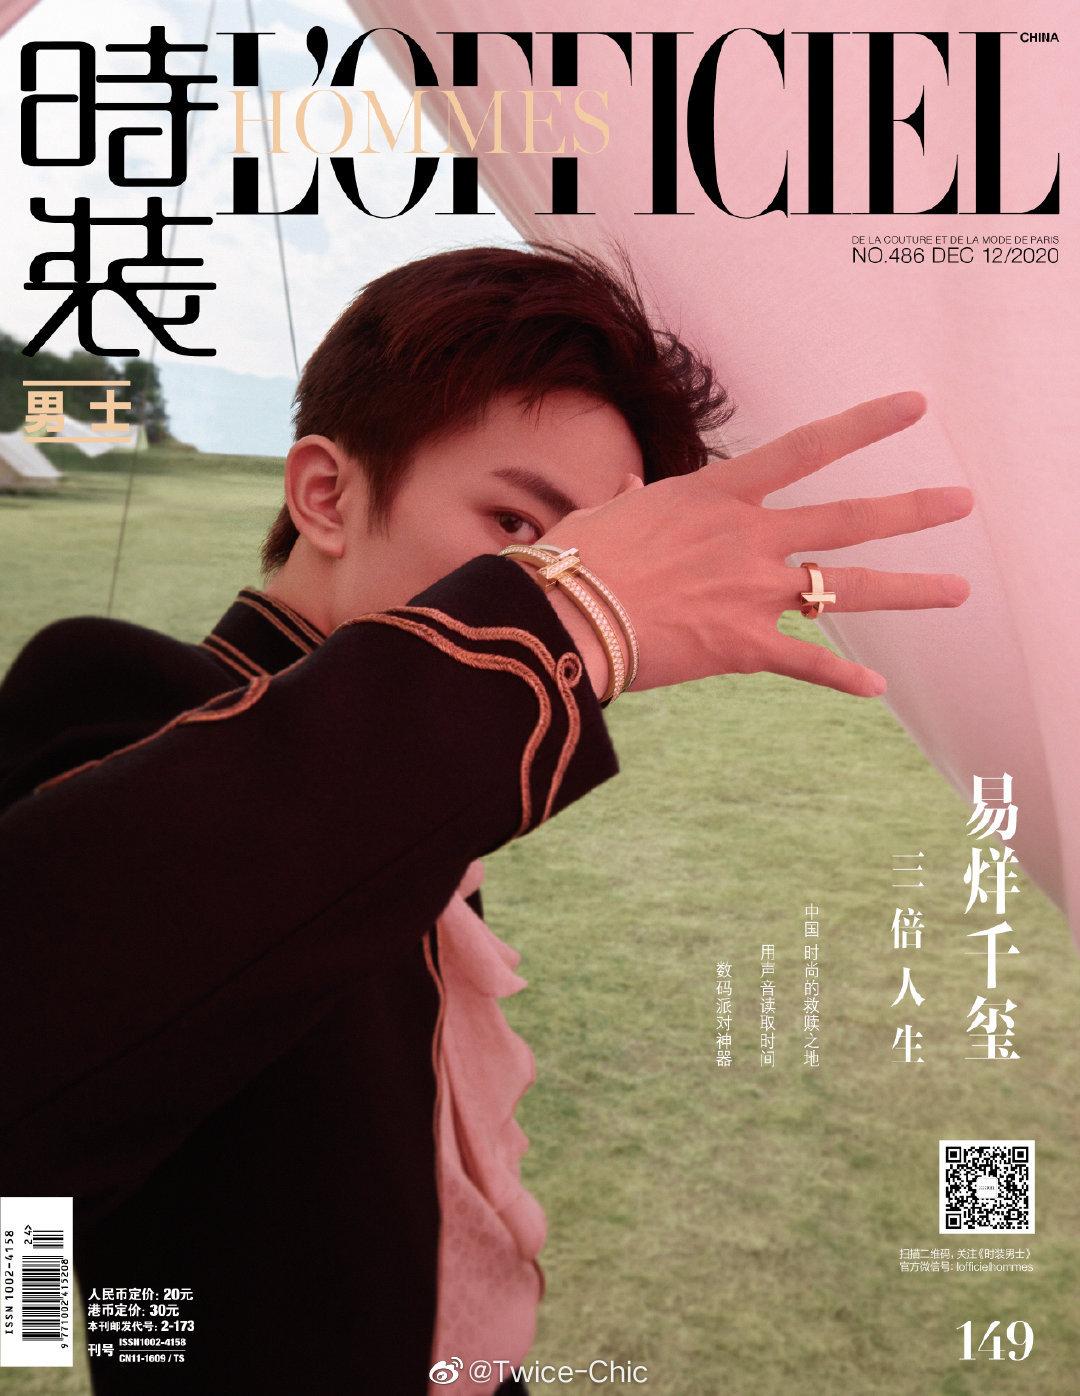 易烊千玺 x 时装男士 & 时装L'OFFICIEL 12月刊封面 | 可以是微风中